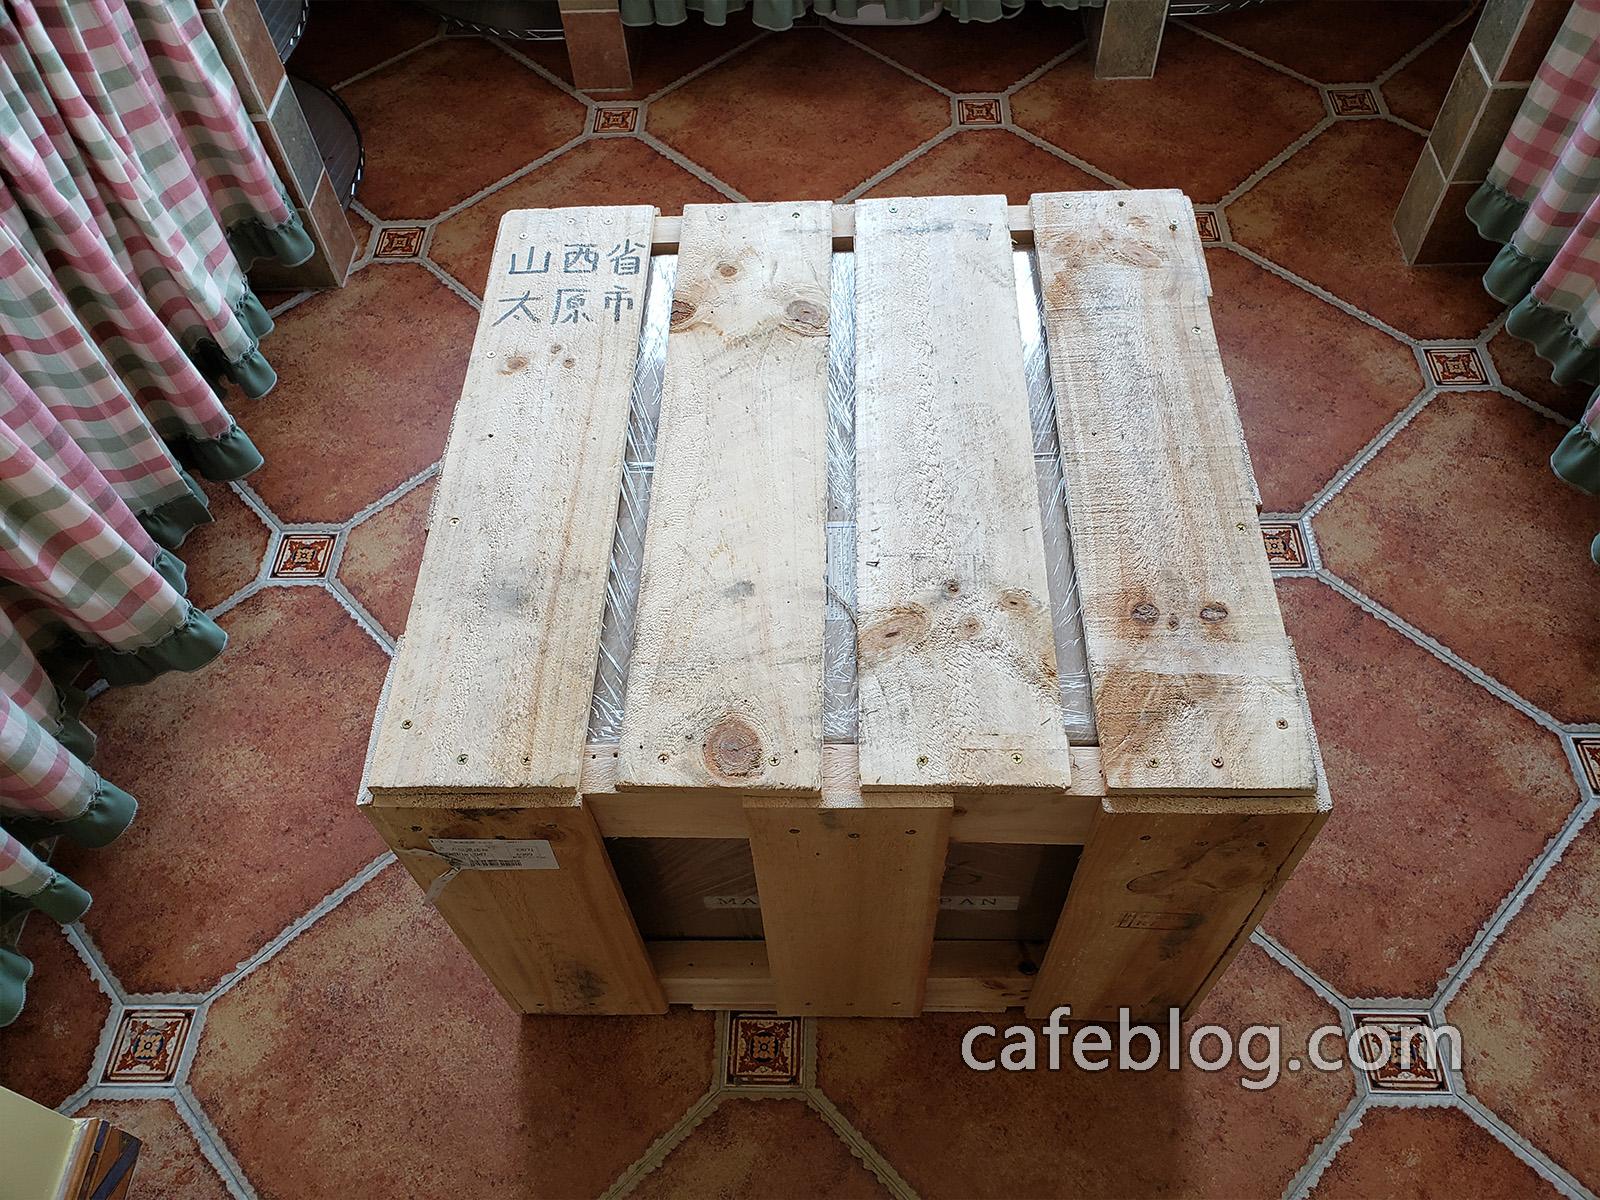 本次安装地址是山西省太原市的个人客户 - 打木架的DISCOVERY咖啡烘焙机到了客户家里了。